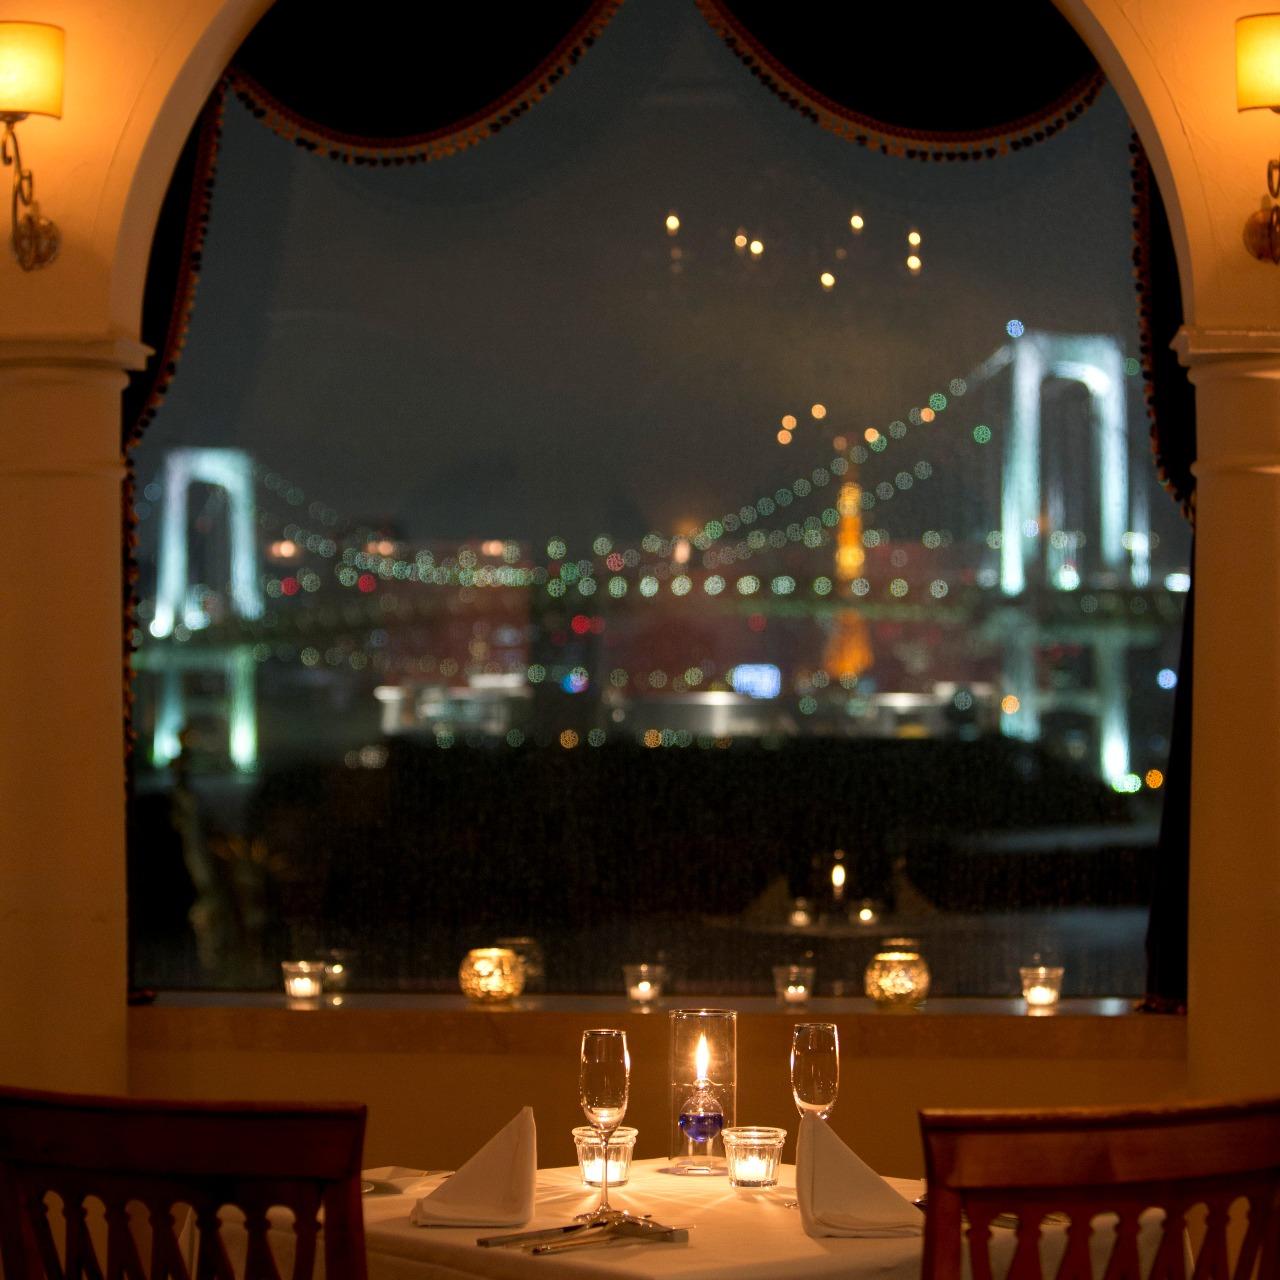 東京タワー周辺のレストランでご飯!おすすめ店まとめ!安い人気店もあり!